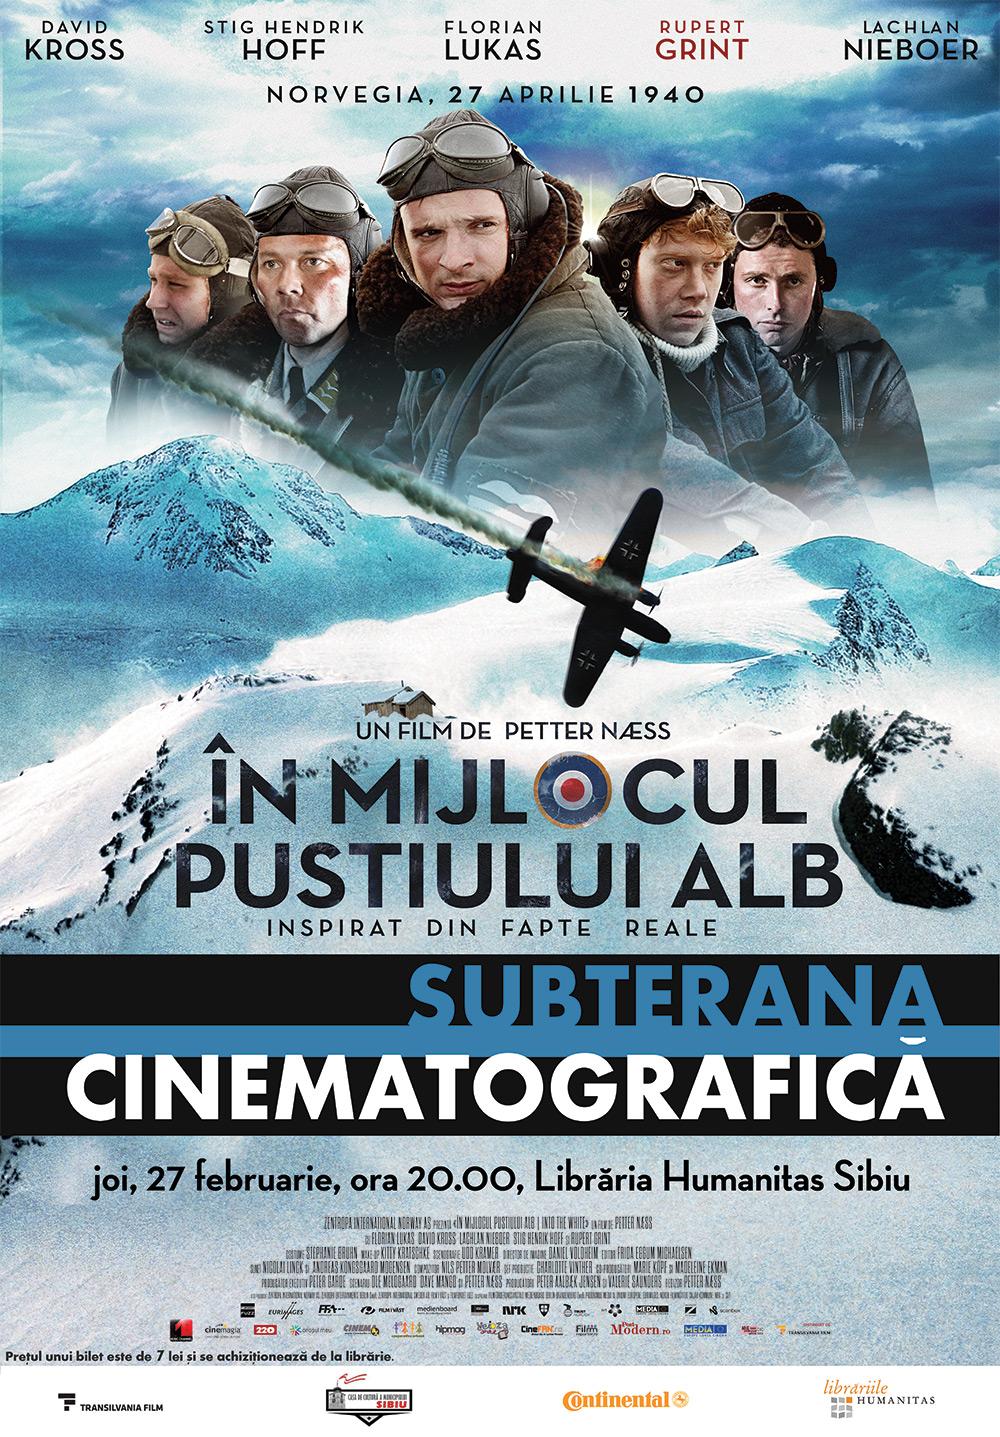 SUBTERANA CINEMATOGRAFICĂ - În mijlocul pustiului alb (2012)